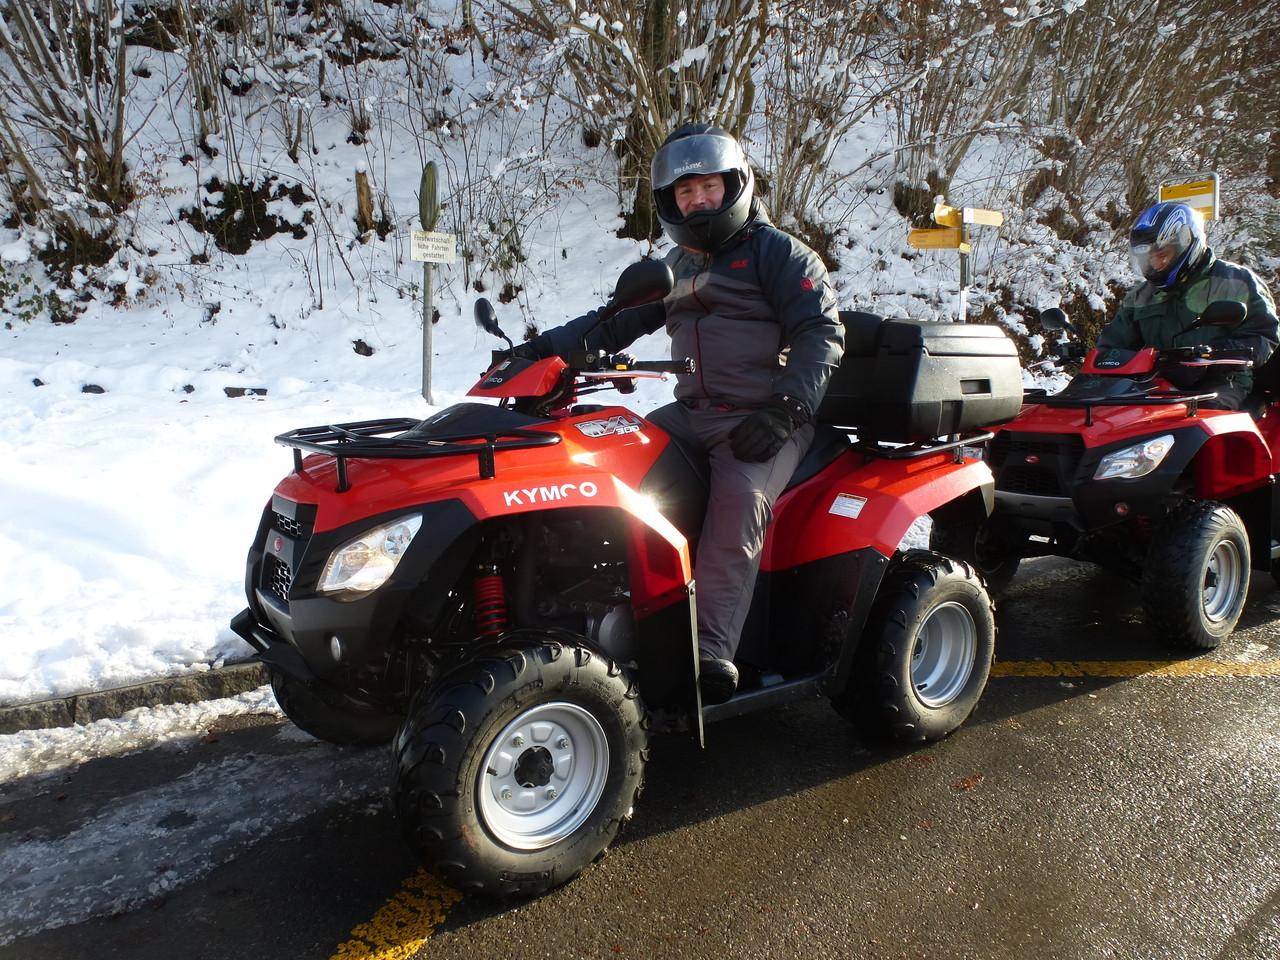 winter quad tour im schnee fahren mit raclett oder. Black Bedroom Furniture Sets. Home Design Ideas